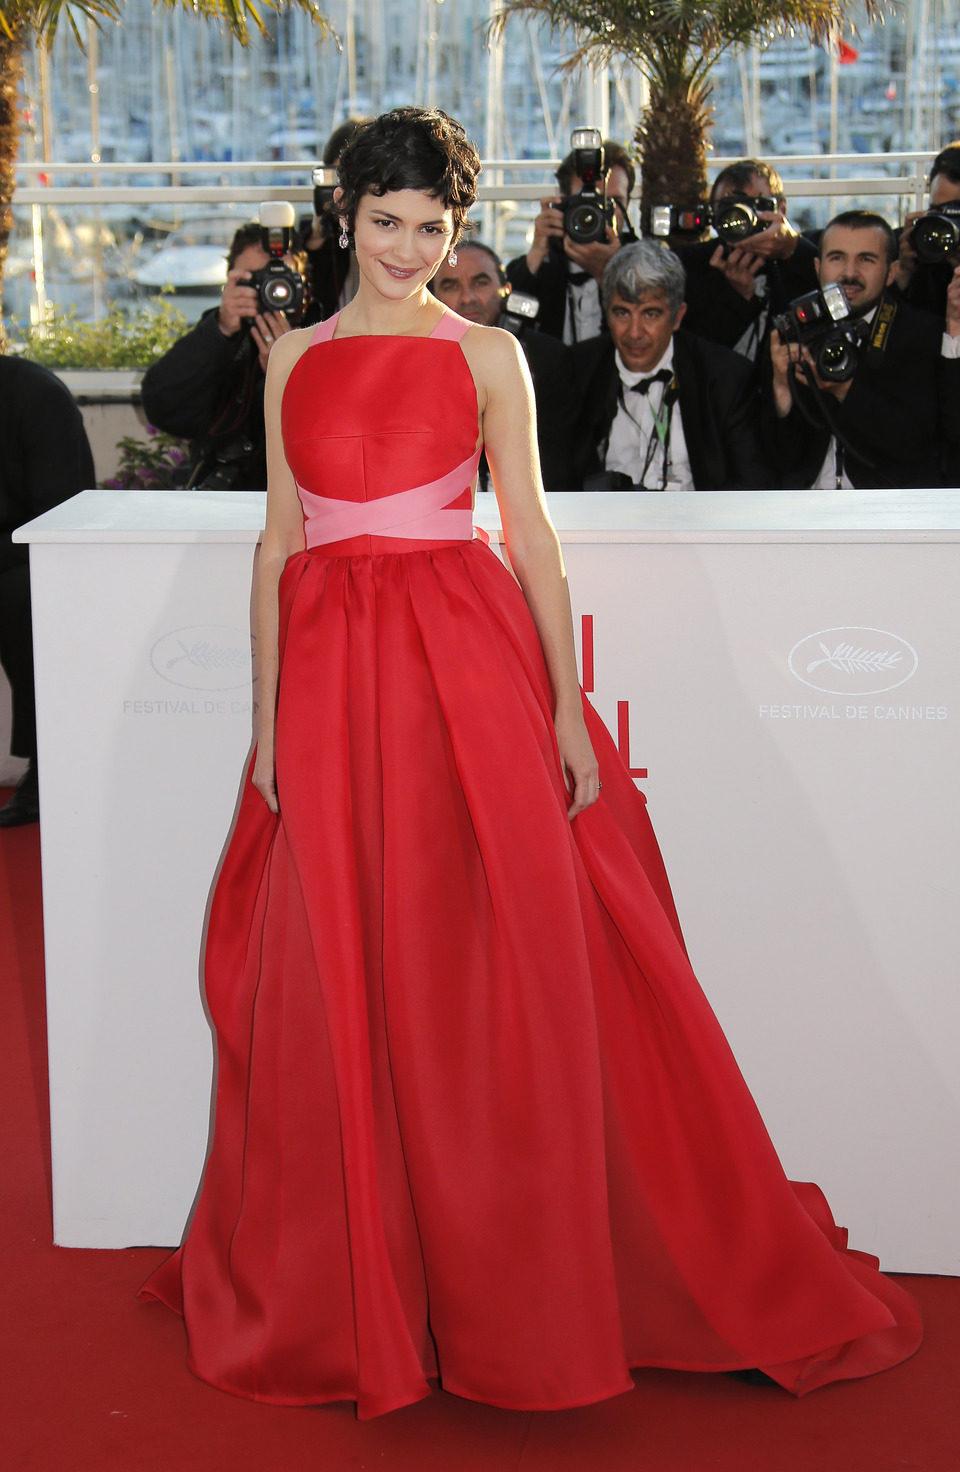 Audrey Tautou en la clausura del Festival de Cannes 2013